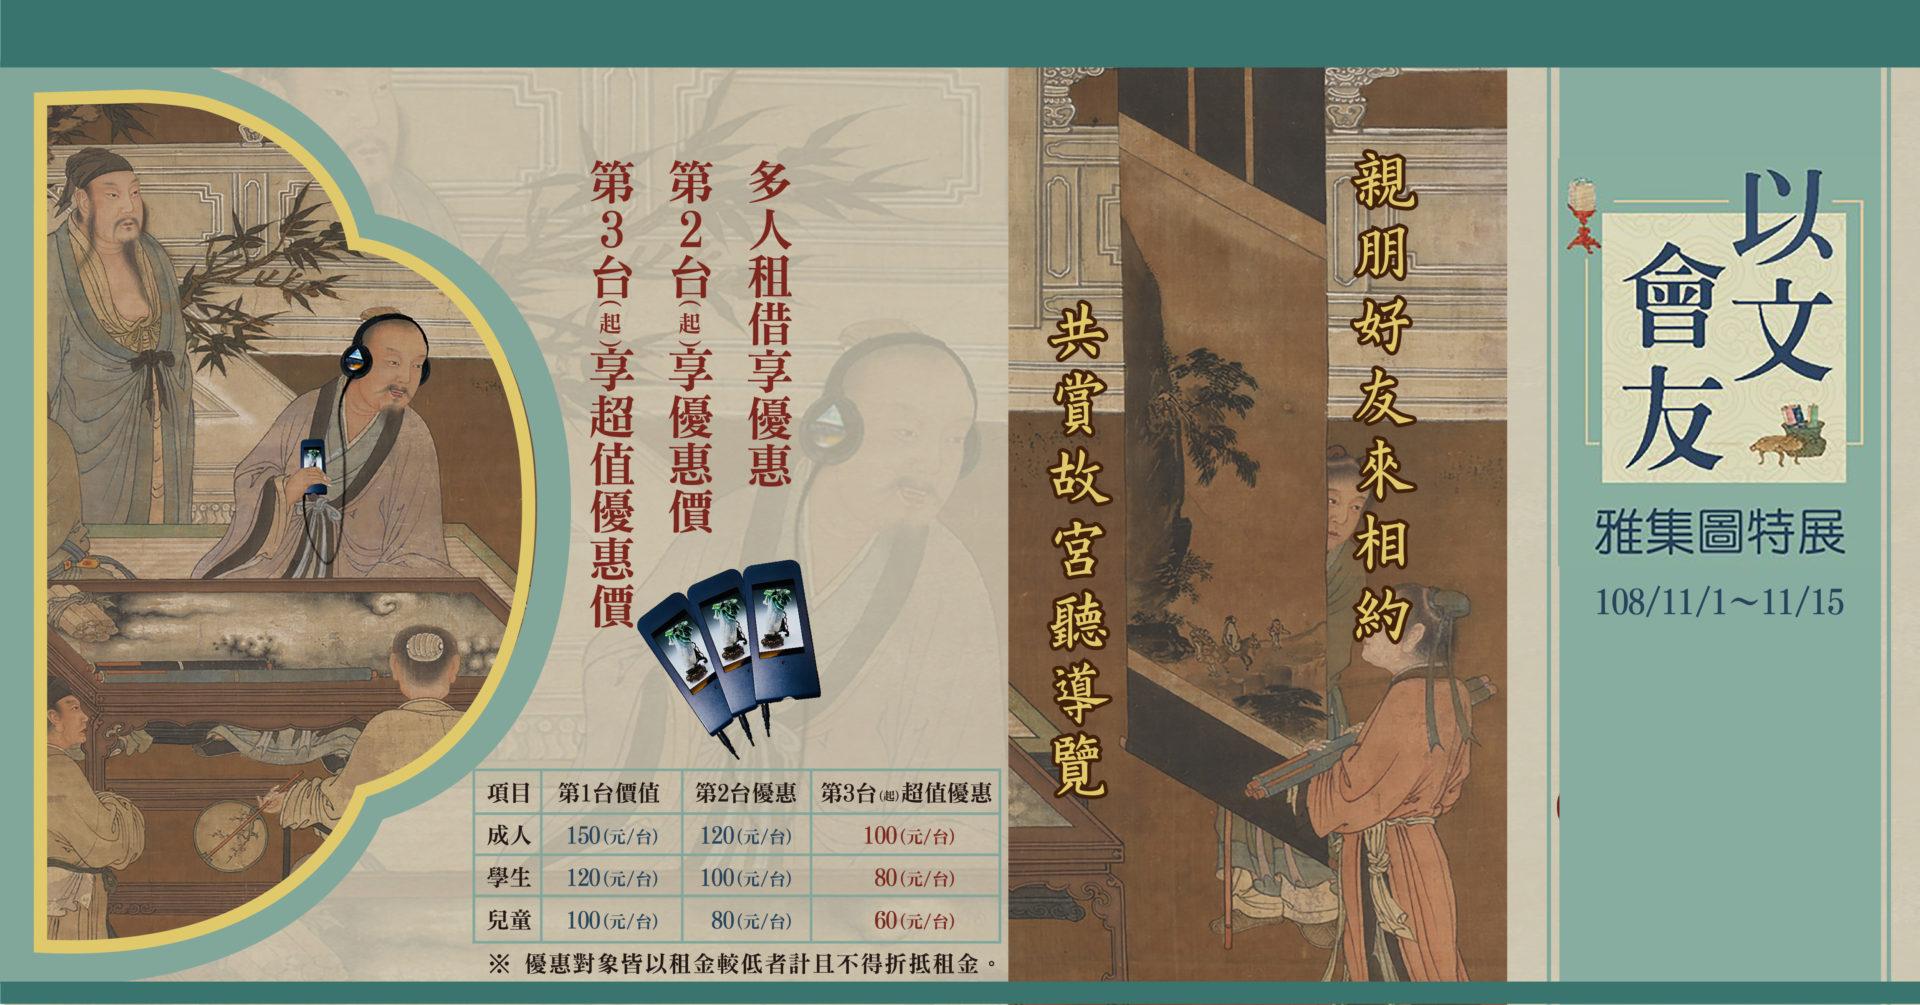 國立故宮博物院:2019/10/05-2019/12/25【以文會友 雅集圖特展】